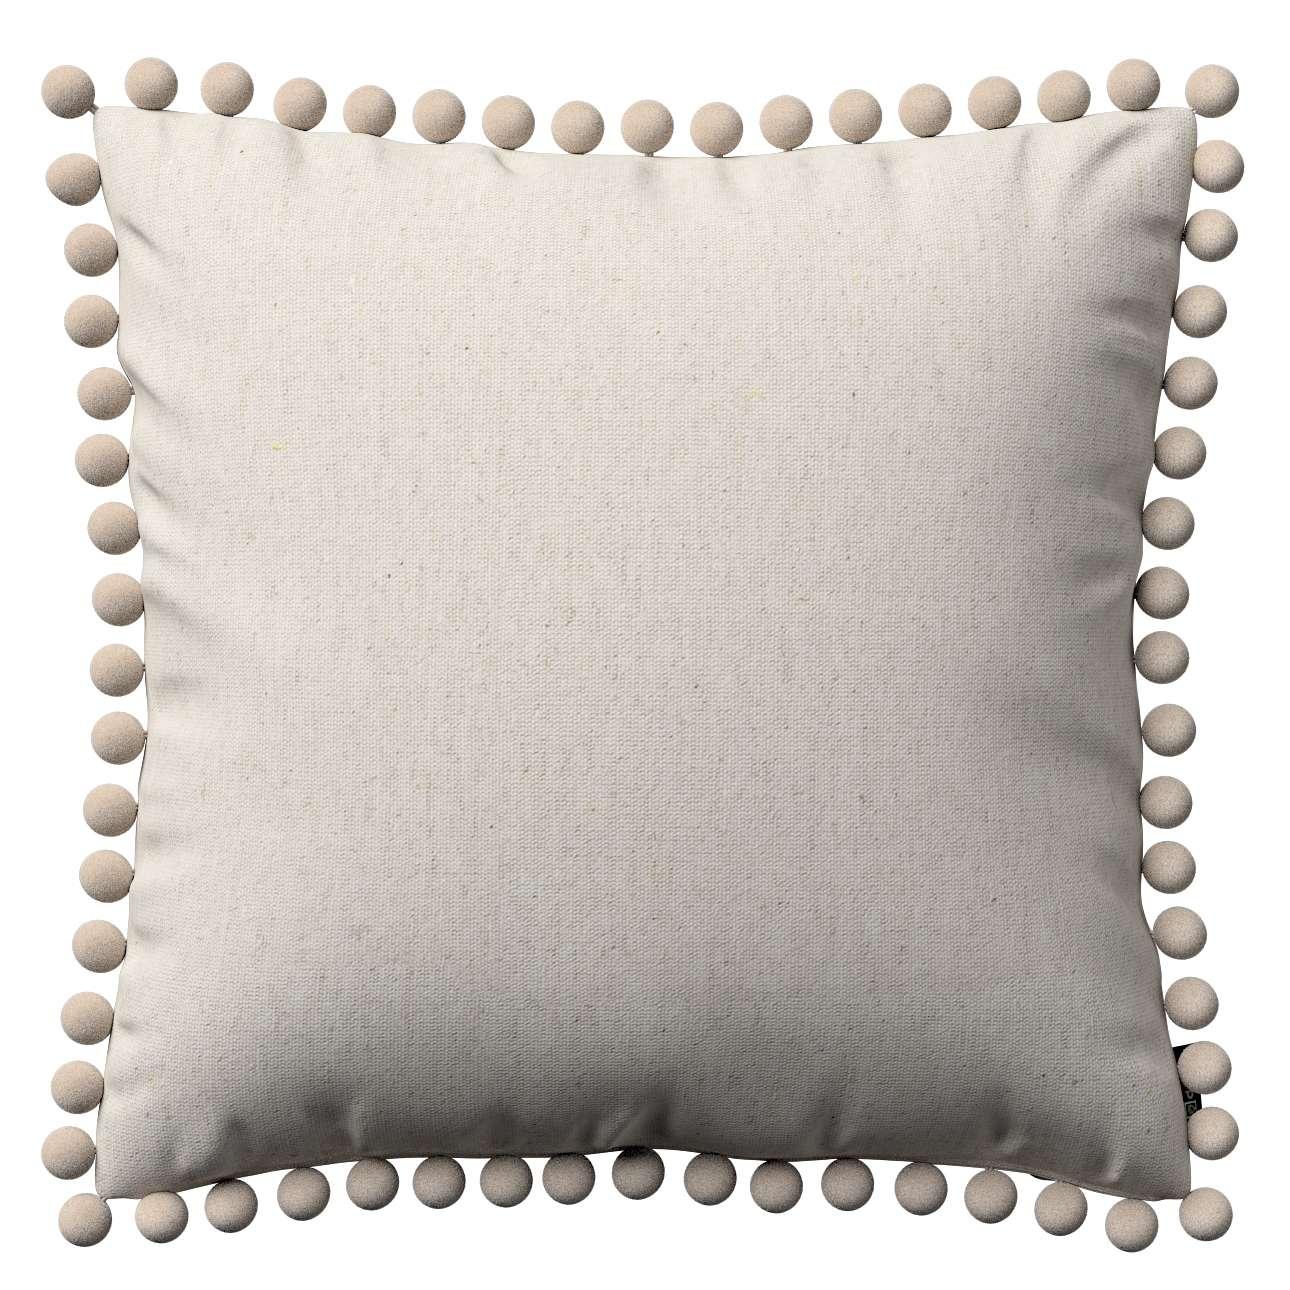 Wera dekoratyvinės pagalvėlės su žaismingais kraštais 45 x 45 cm kolekcijoje Loneta , audinys: 133-65